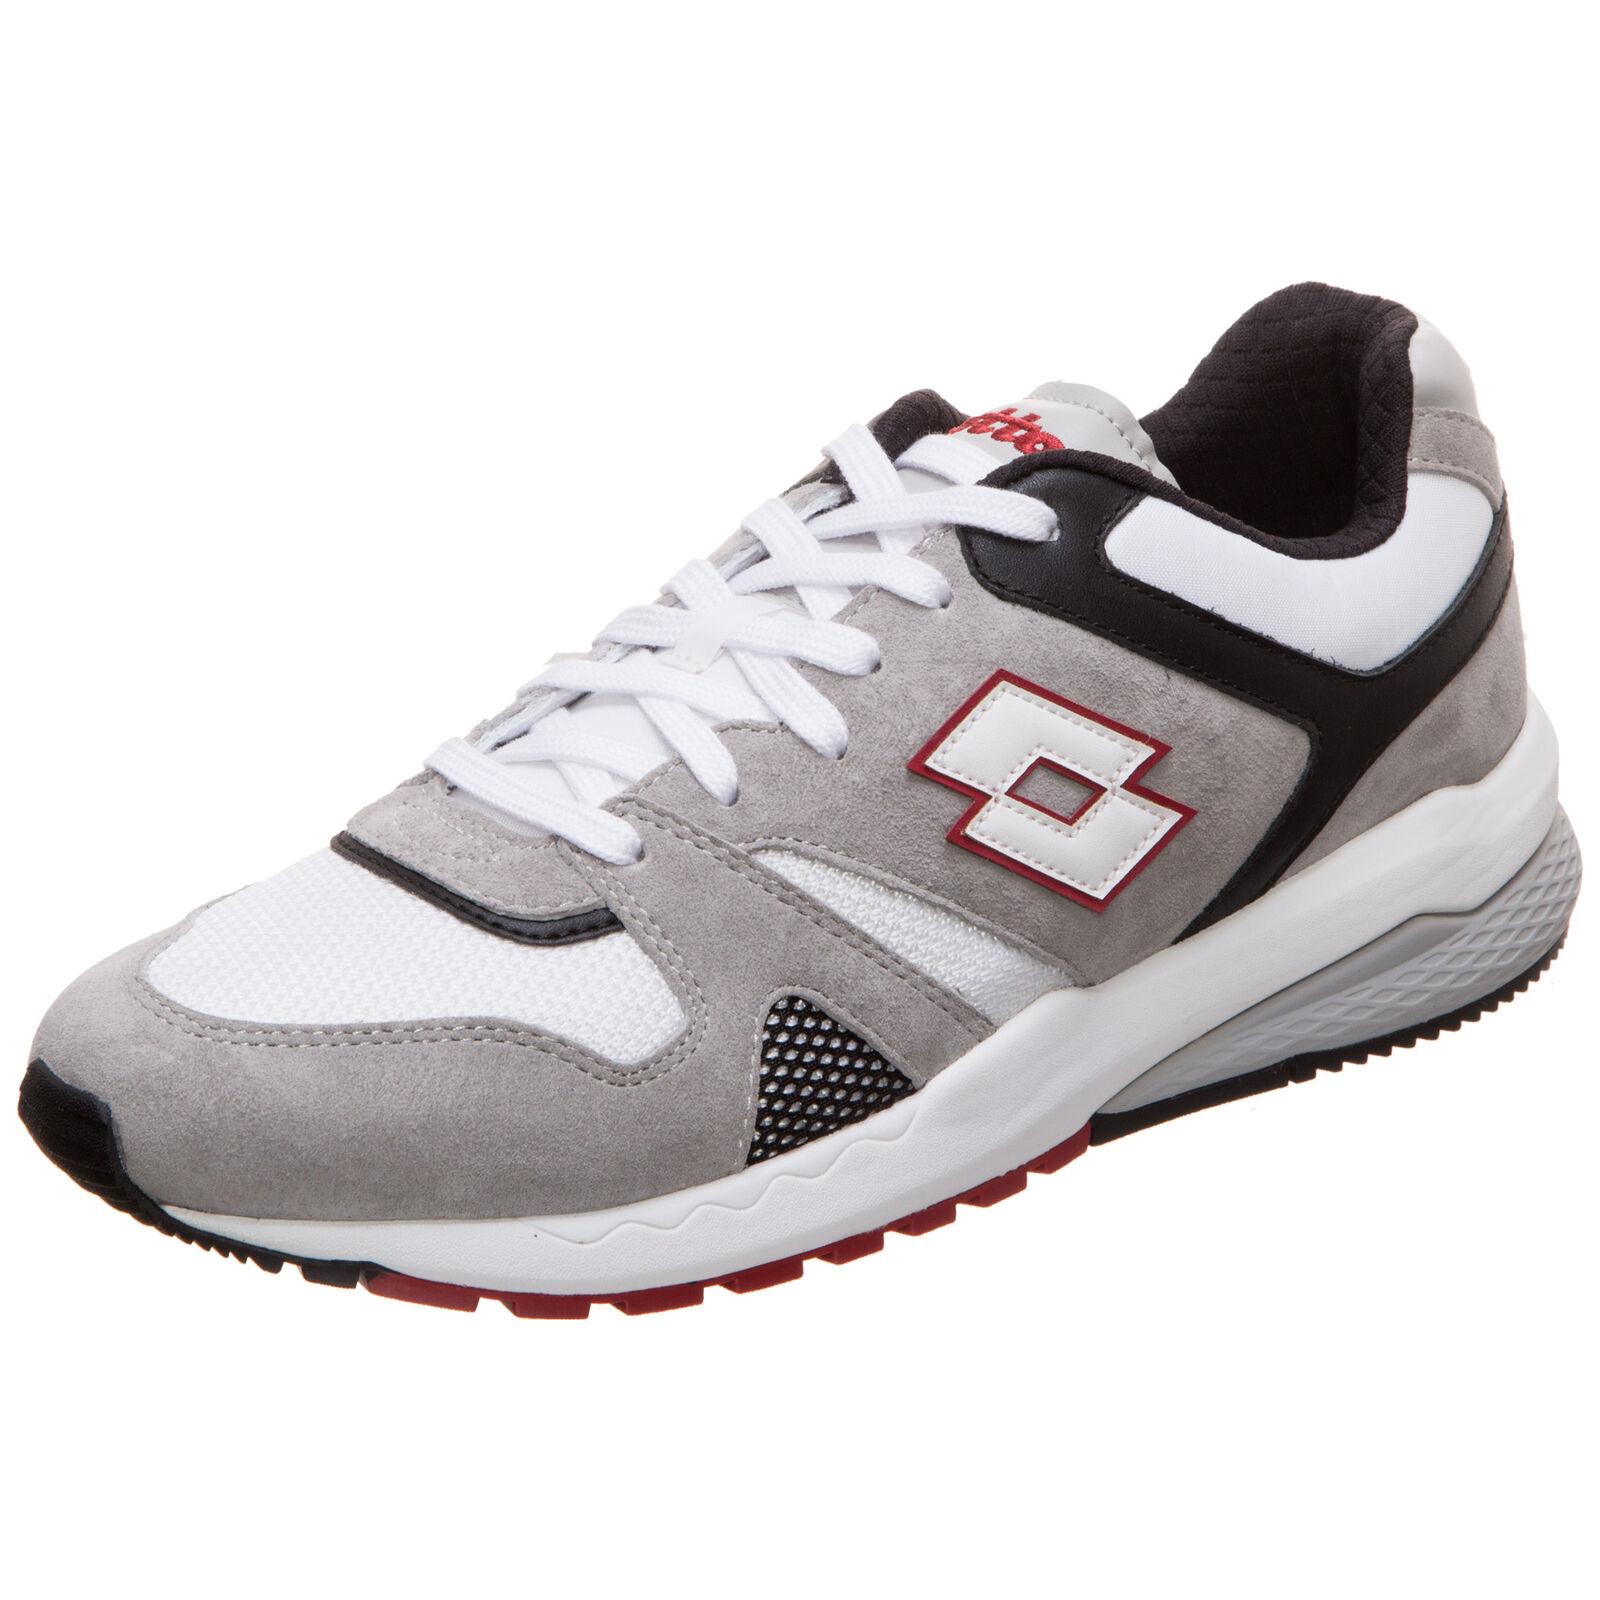 Lotto Legenda Marathon Turnschuhe Herren NEU Schuhe